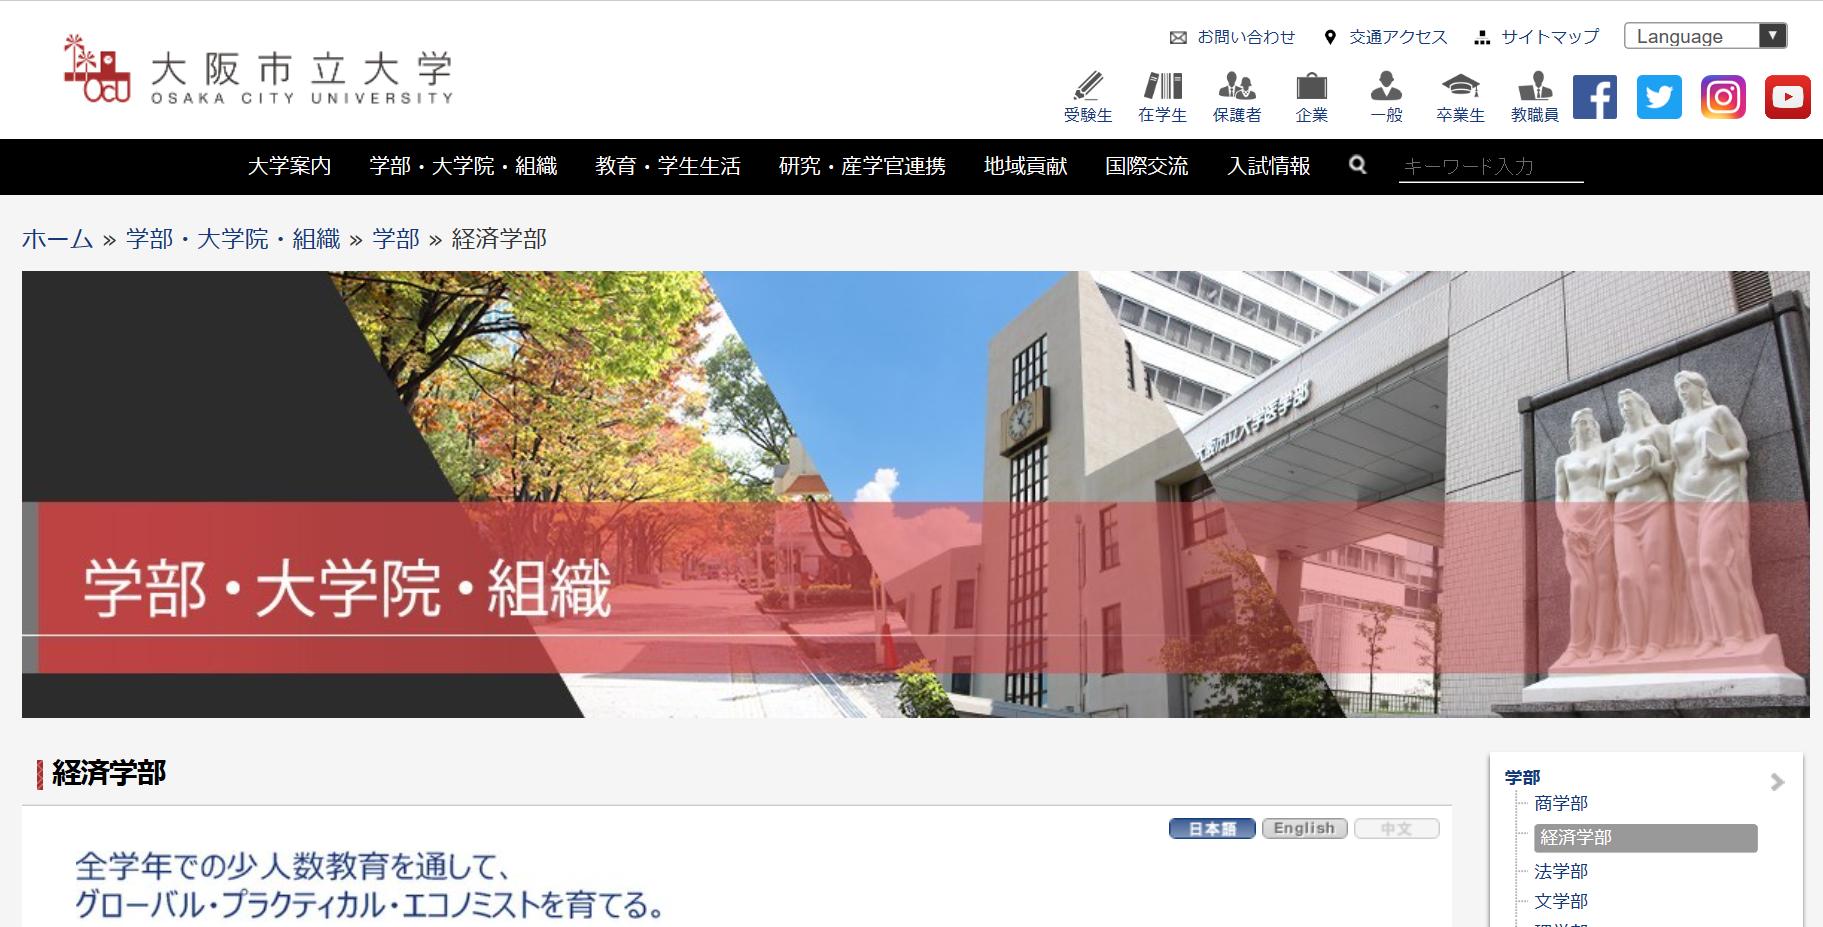 大阪市立大学の評判・口コミ【経済学部編】